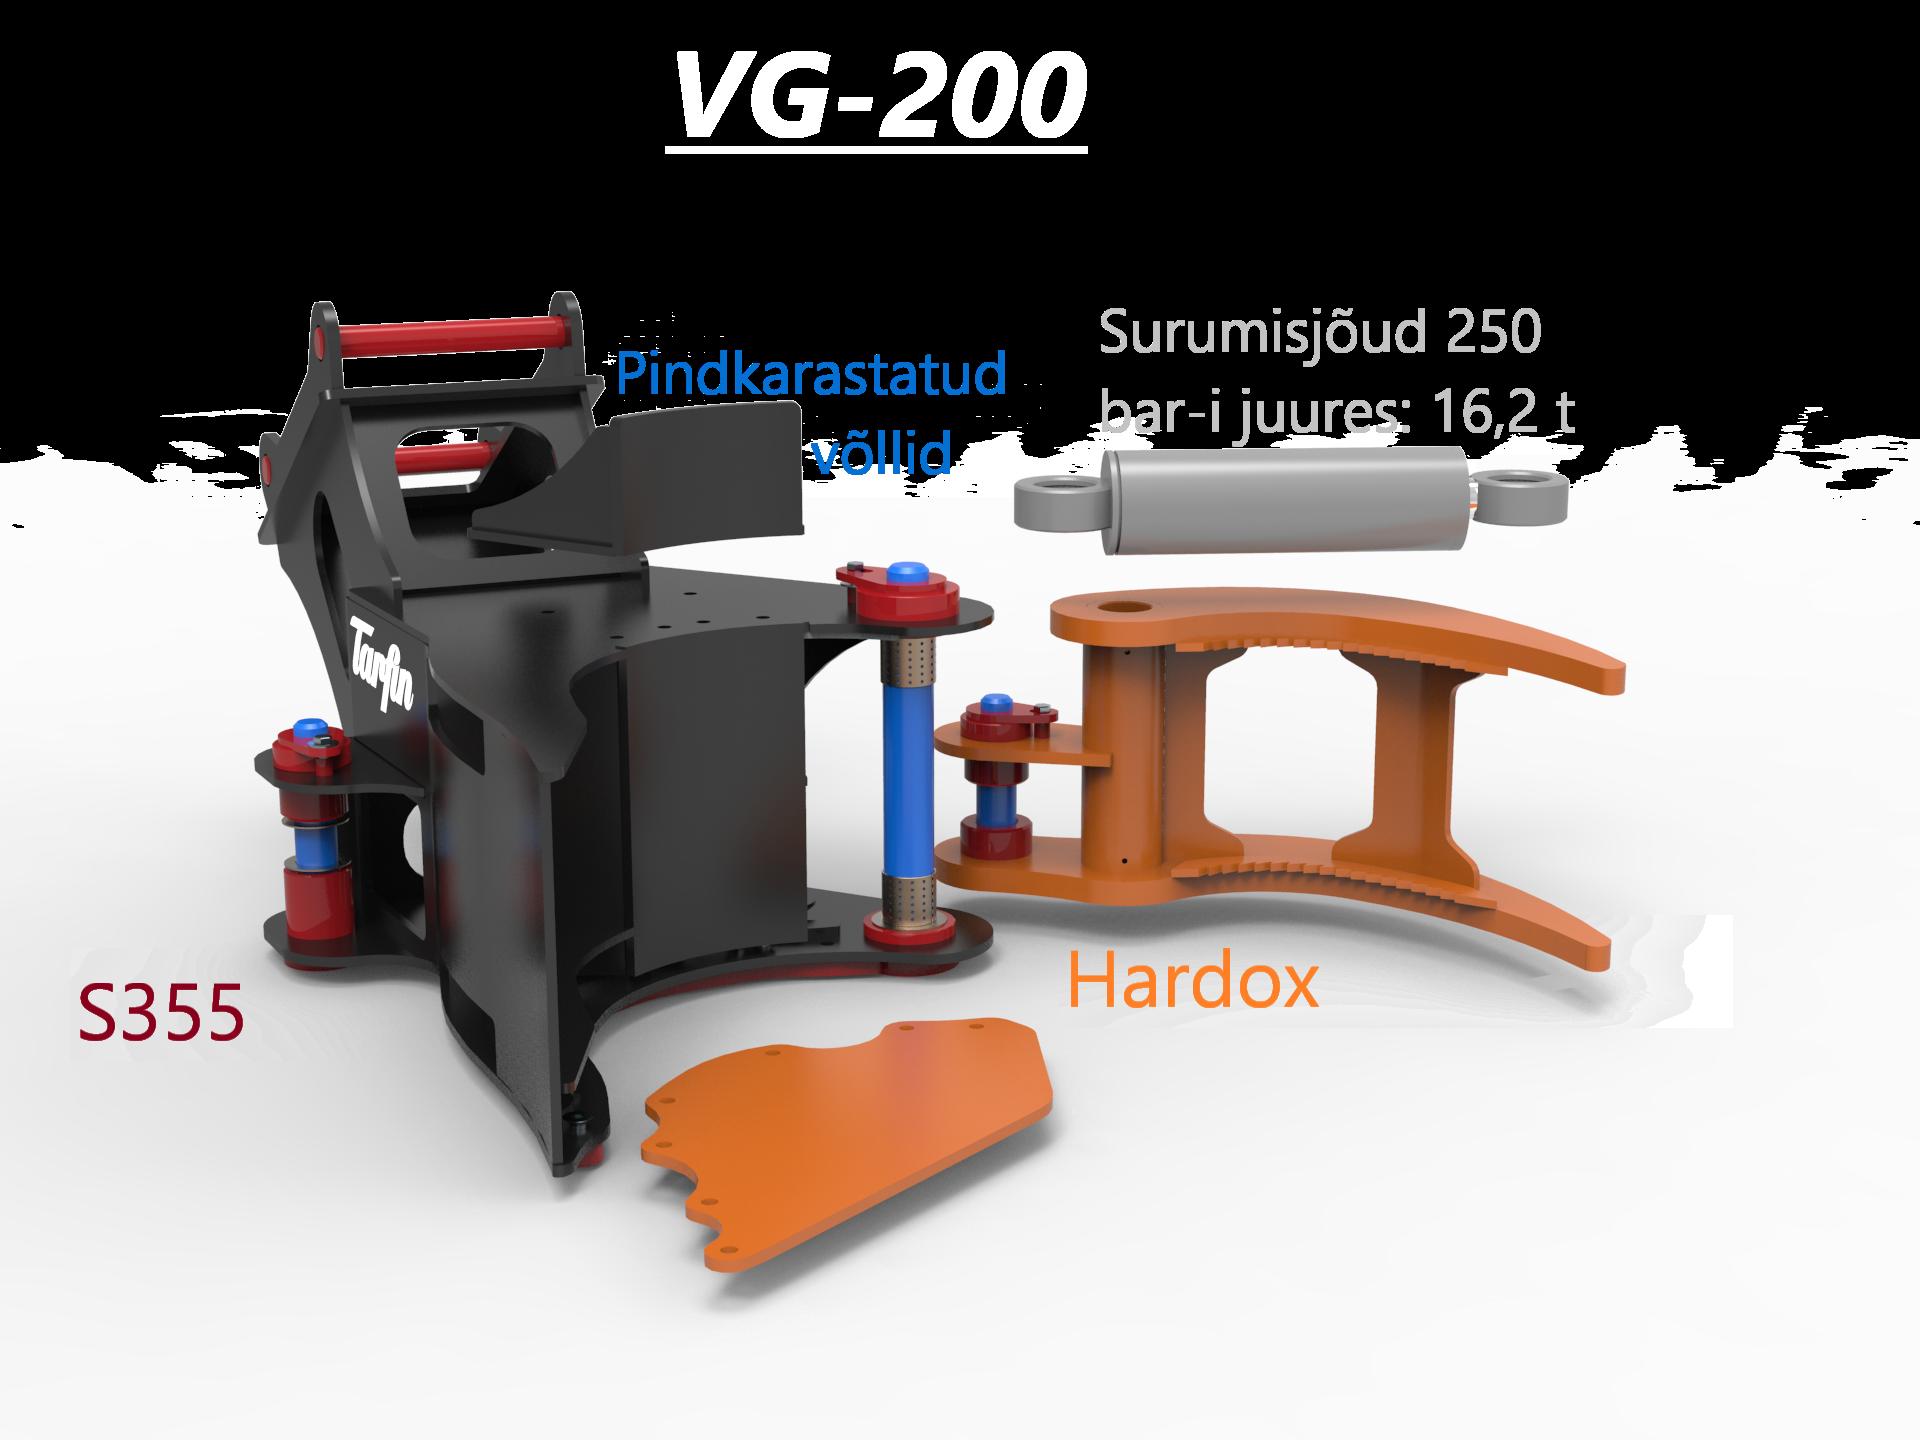 VG-200 materjal V2